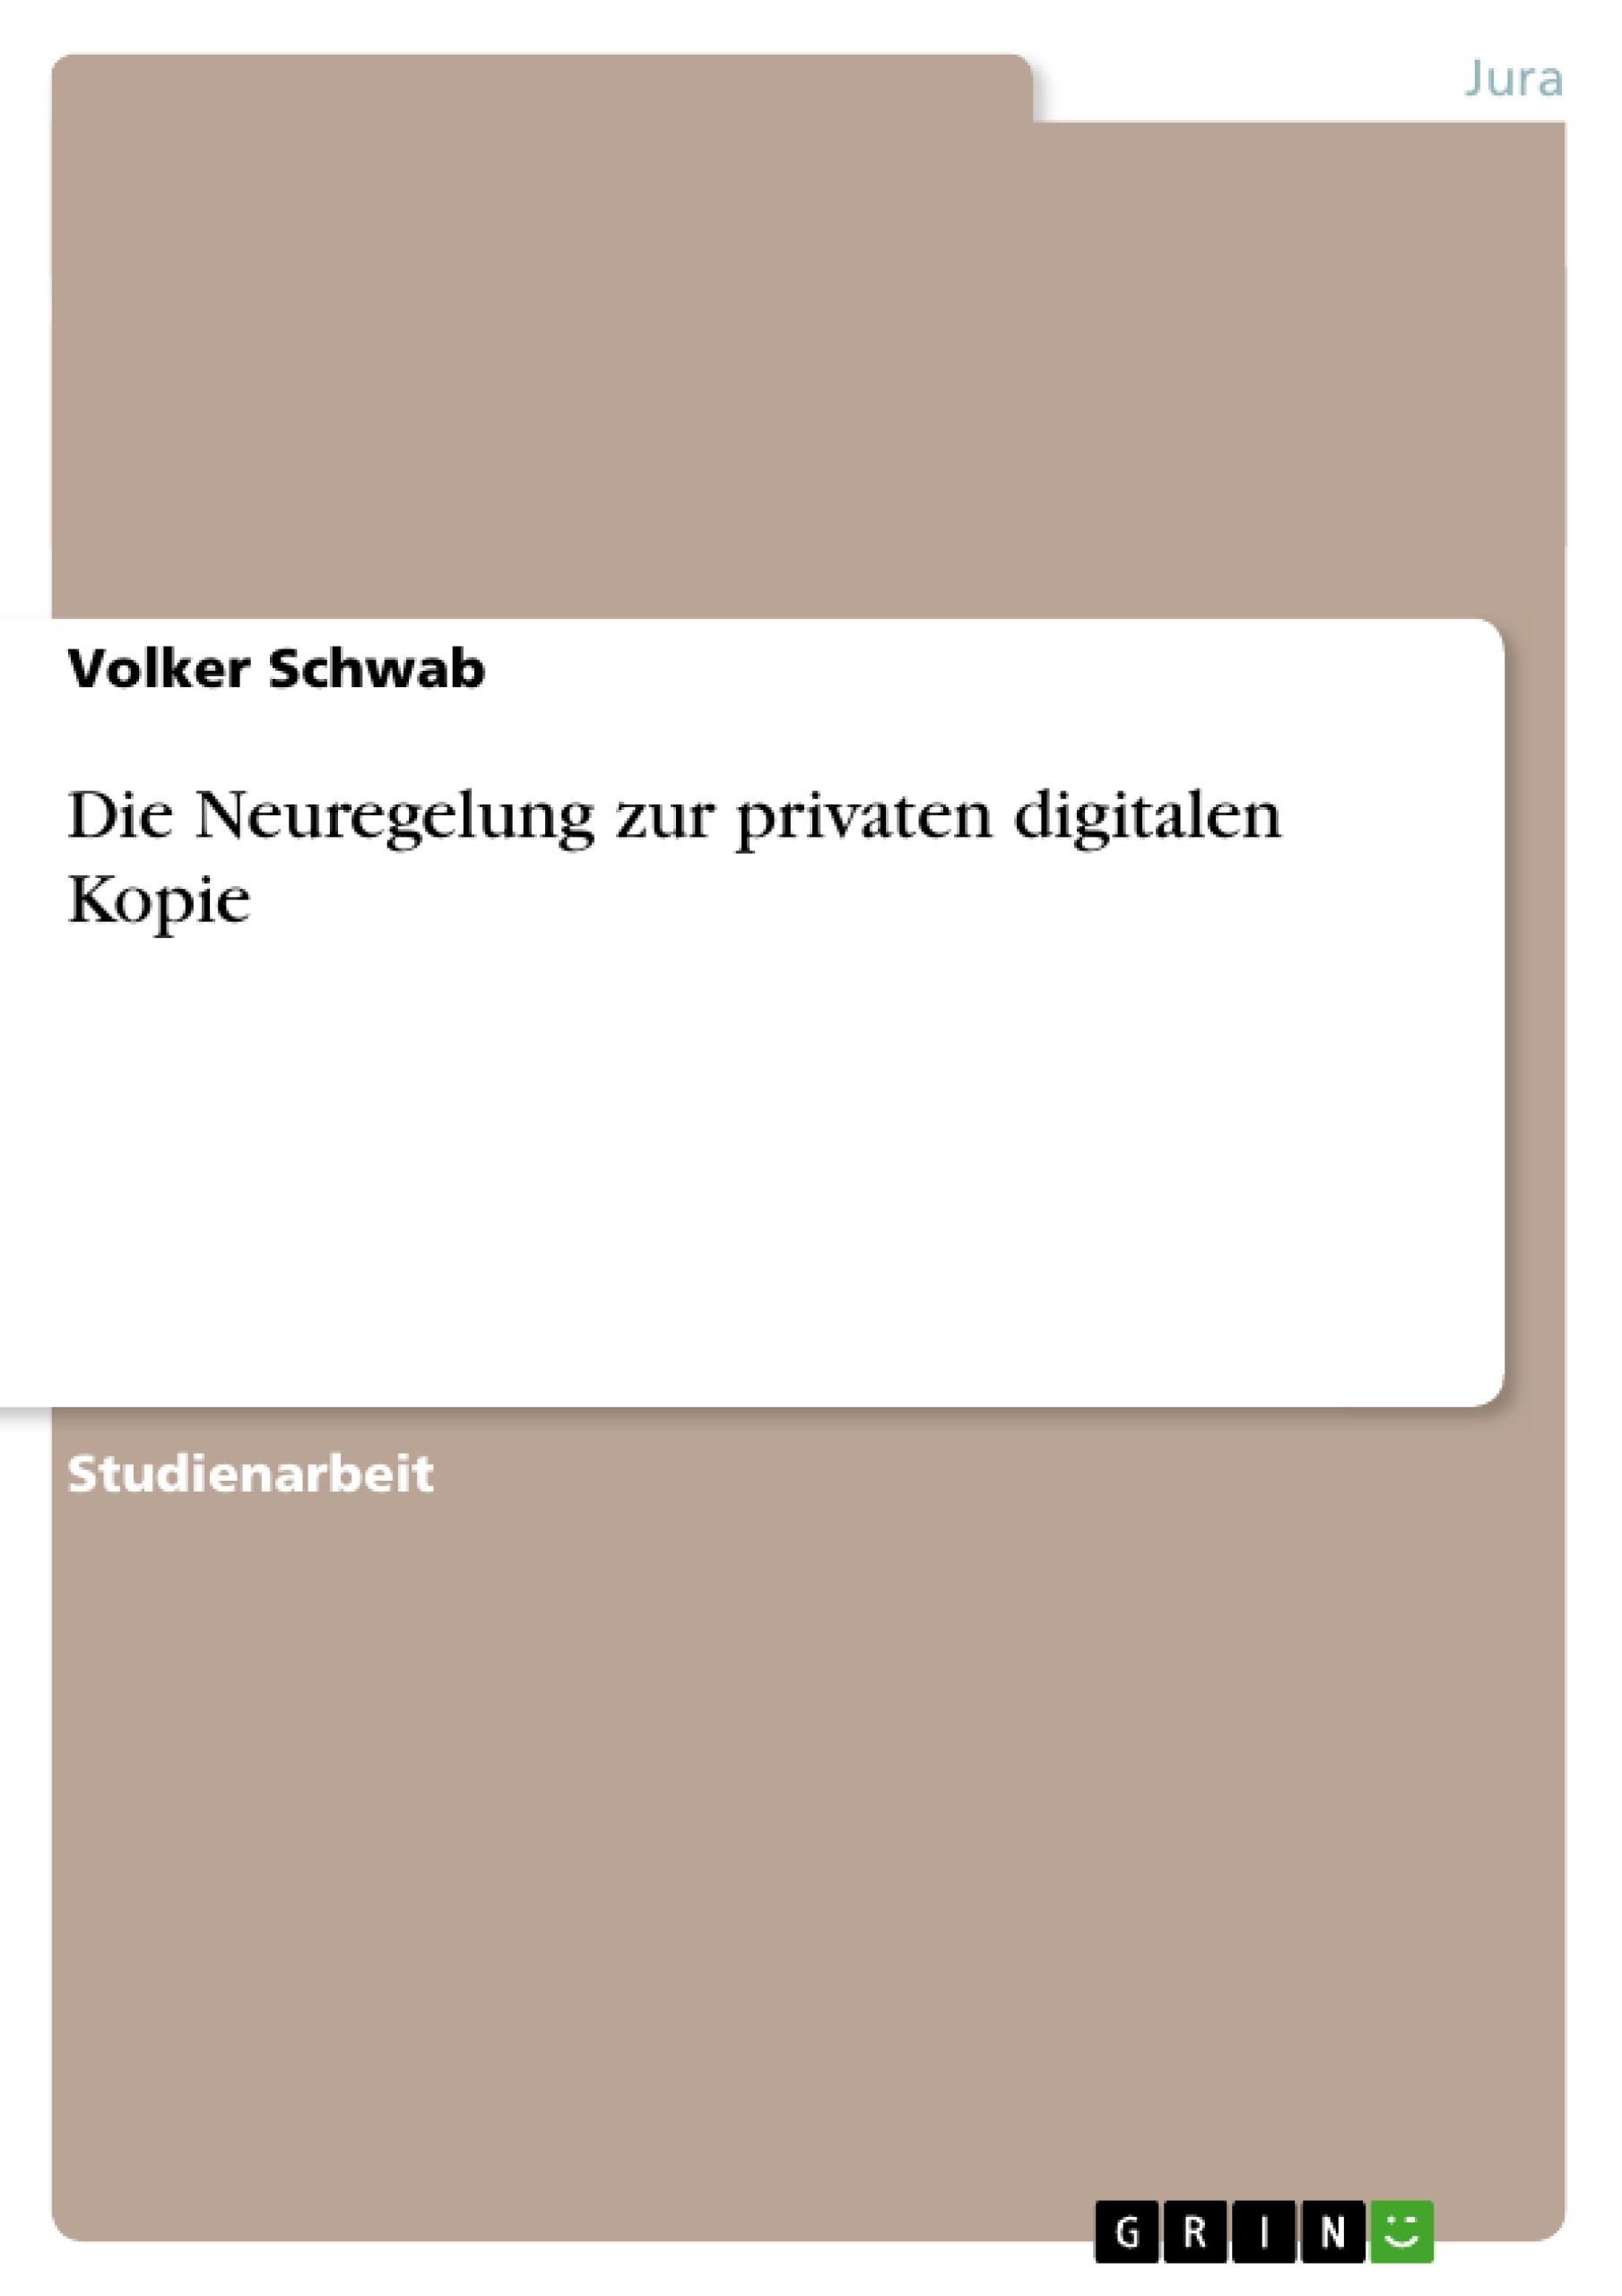 Titel: Die Neuregelung zur privaten digitalen Kopie